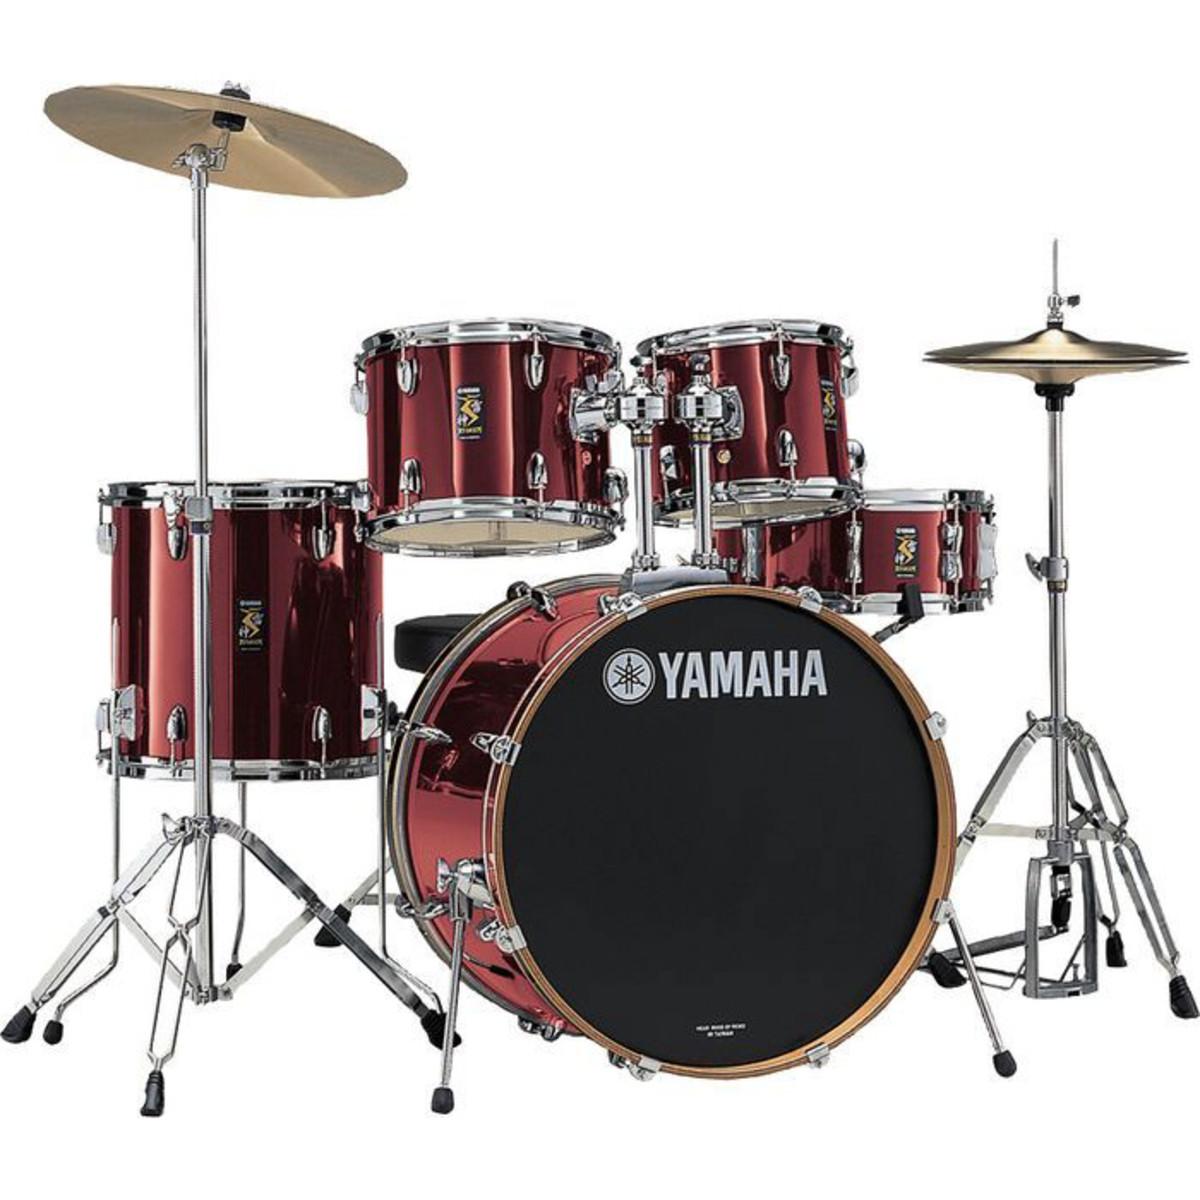 Yamaha Mahogany Drums